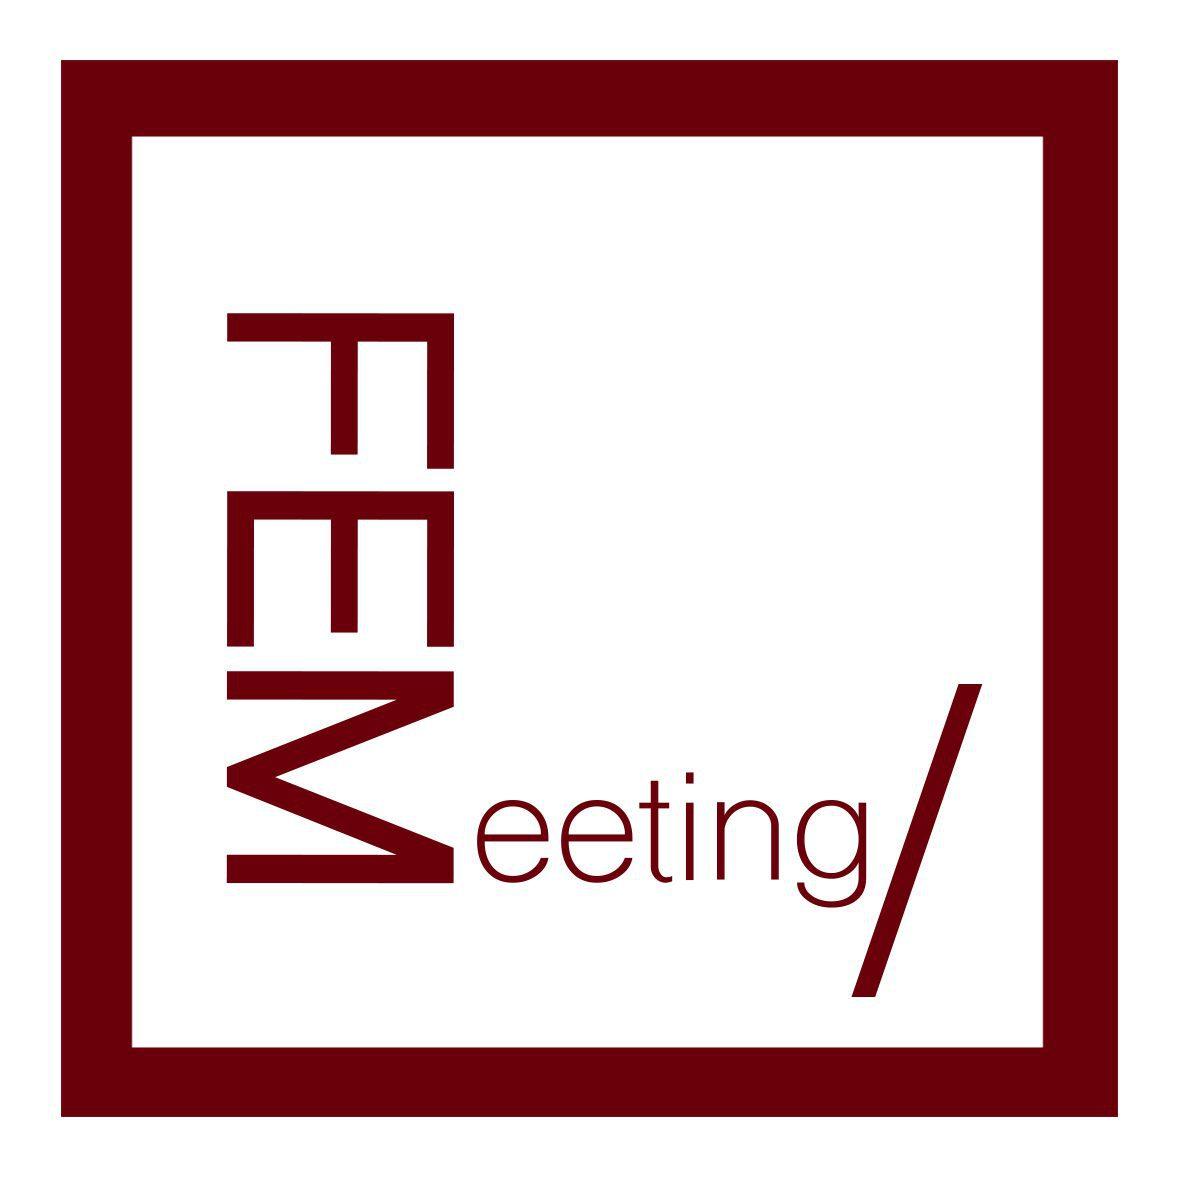 FEMeeting